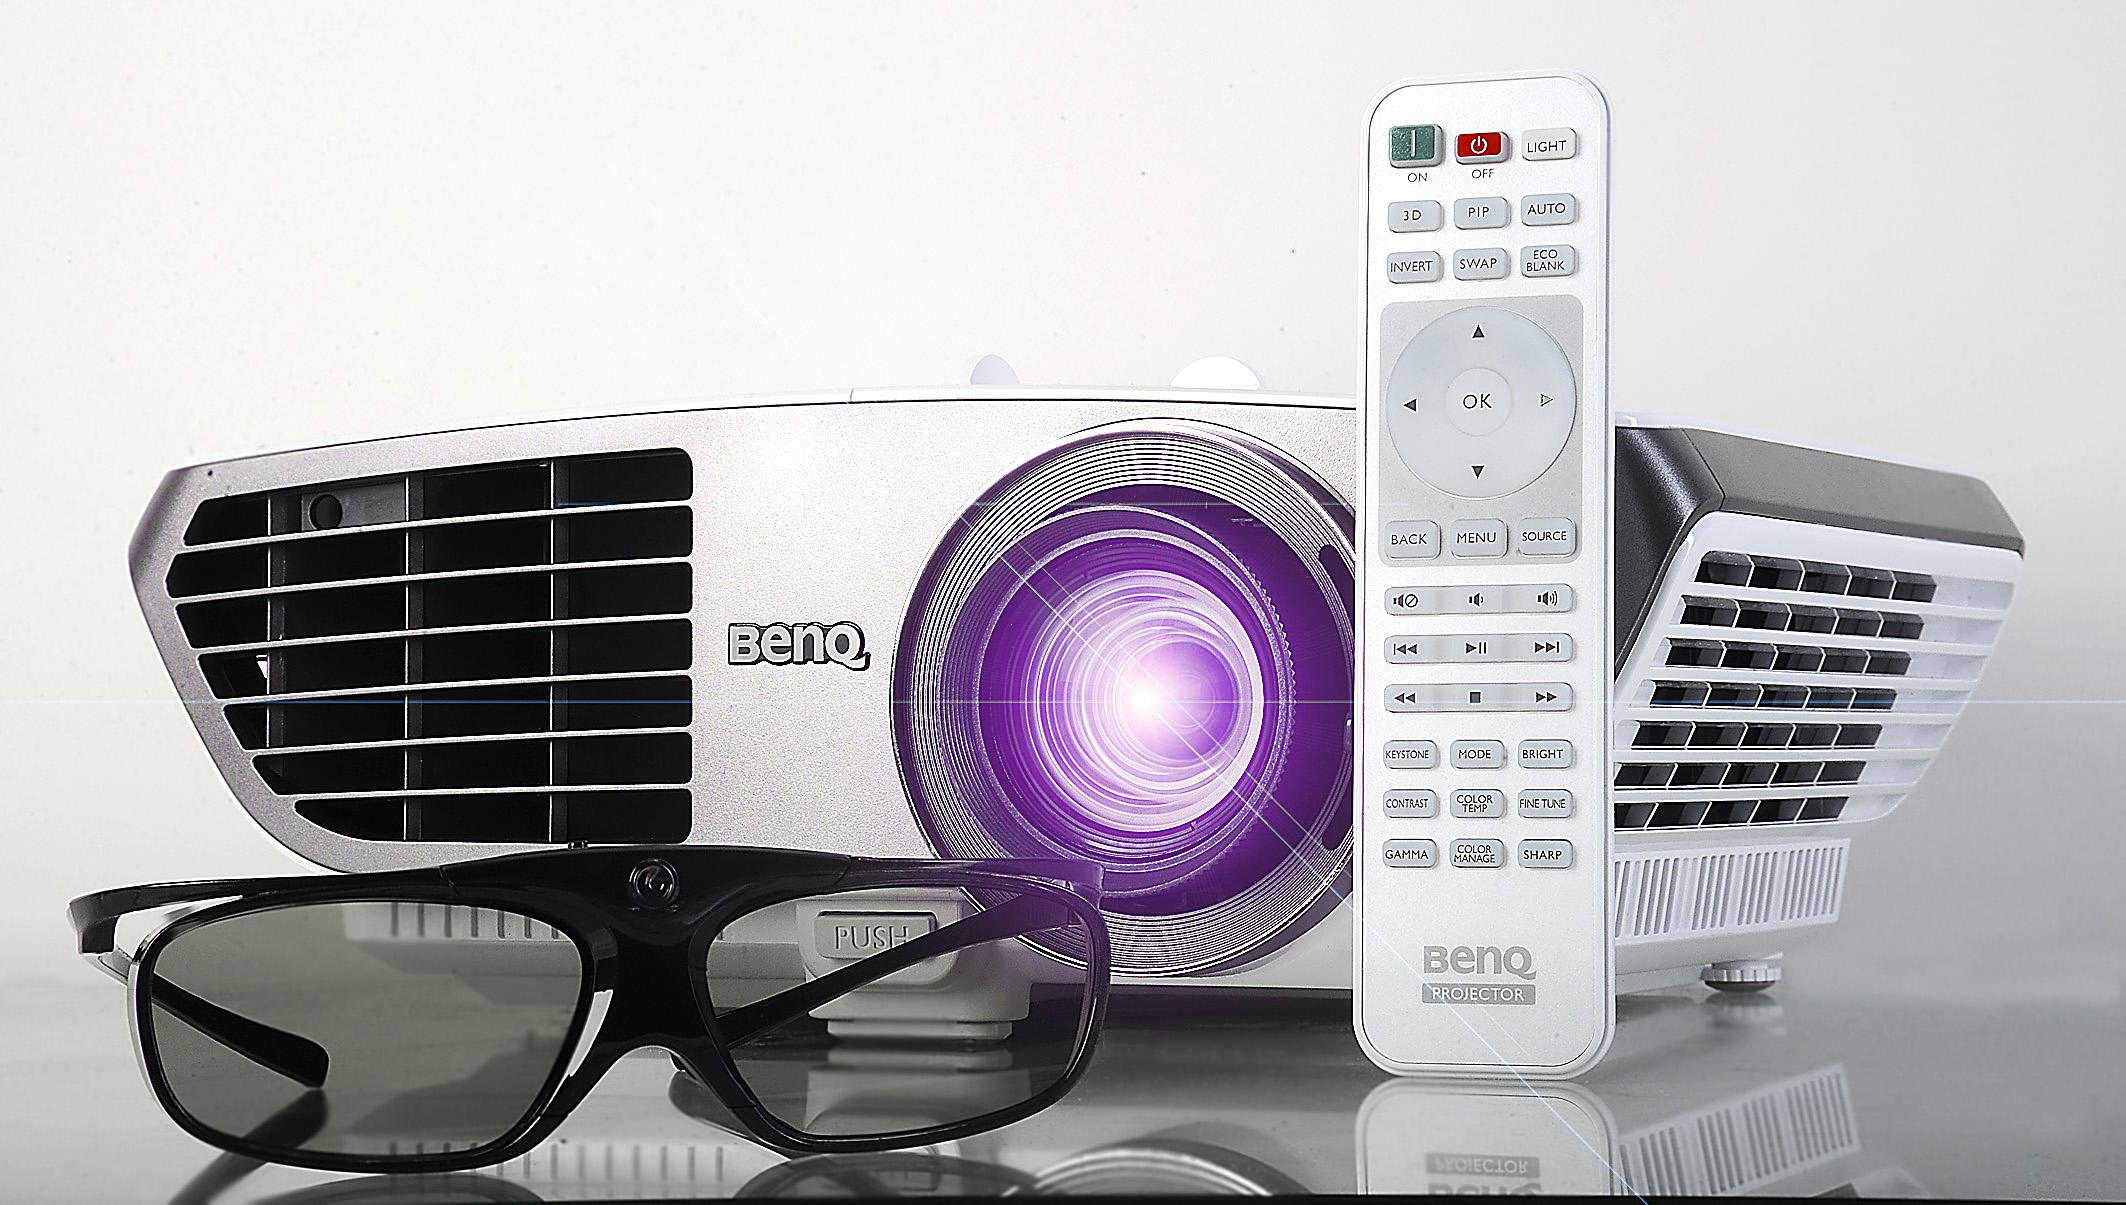 BenQ W3000 - Titel - Foto Michael B. Rehders_MBR1296